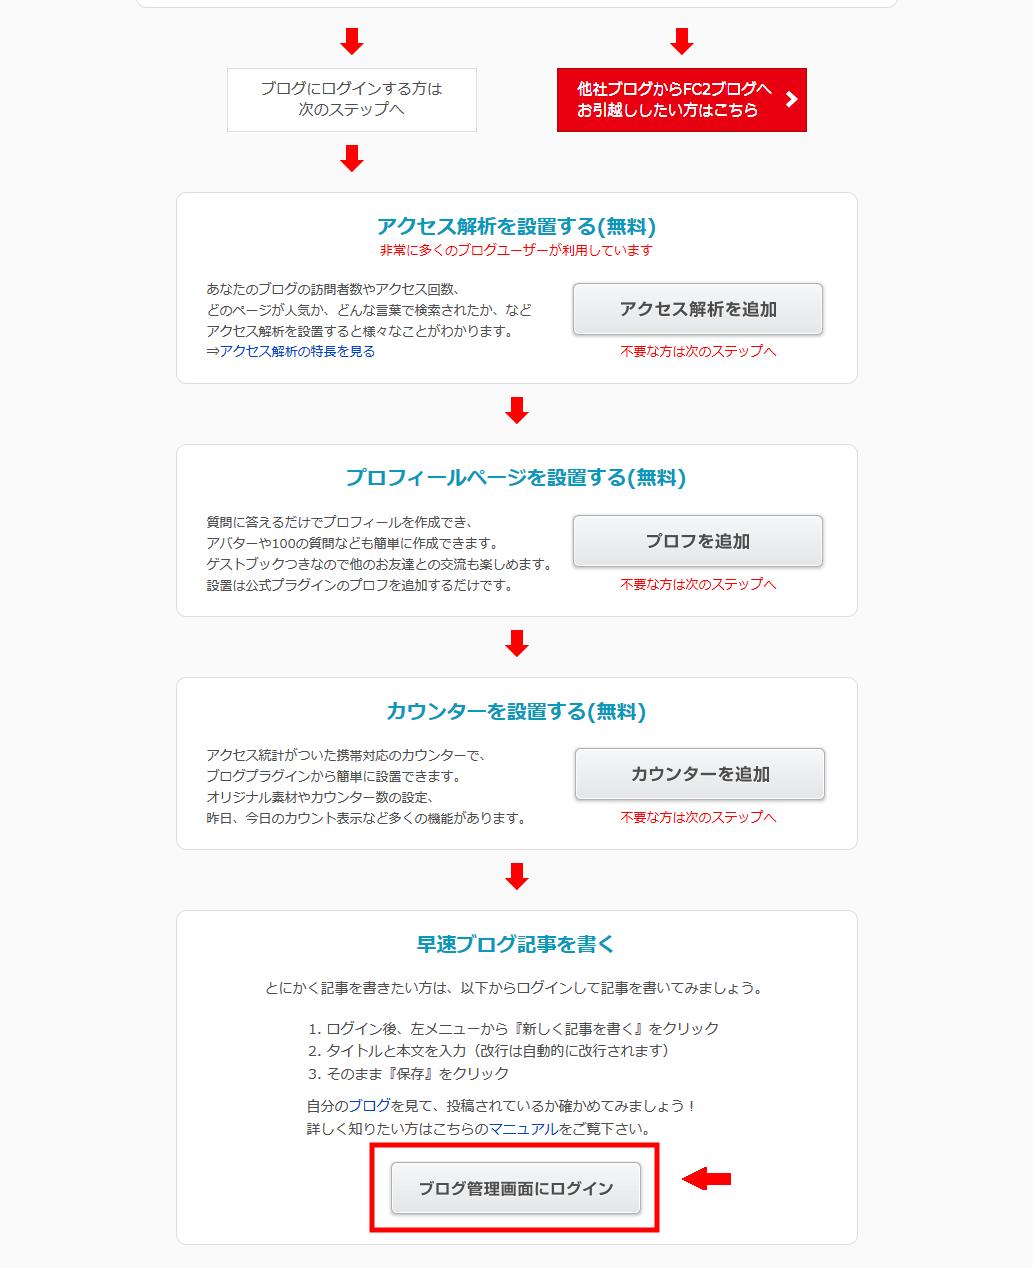 FC2ブログ初心者がやるべき設定3 (8)